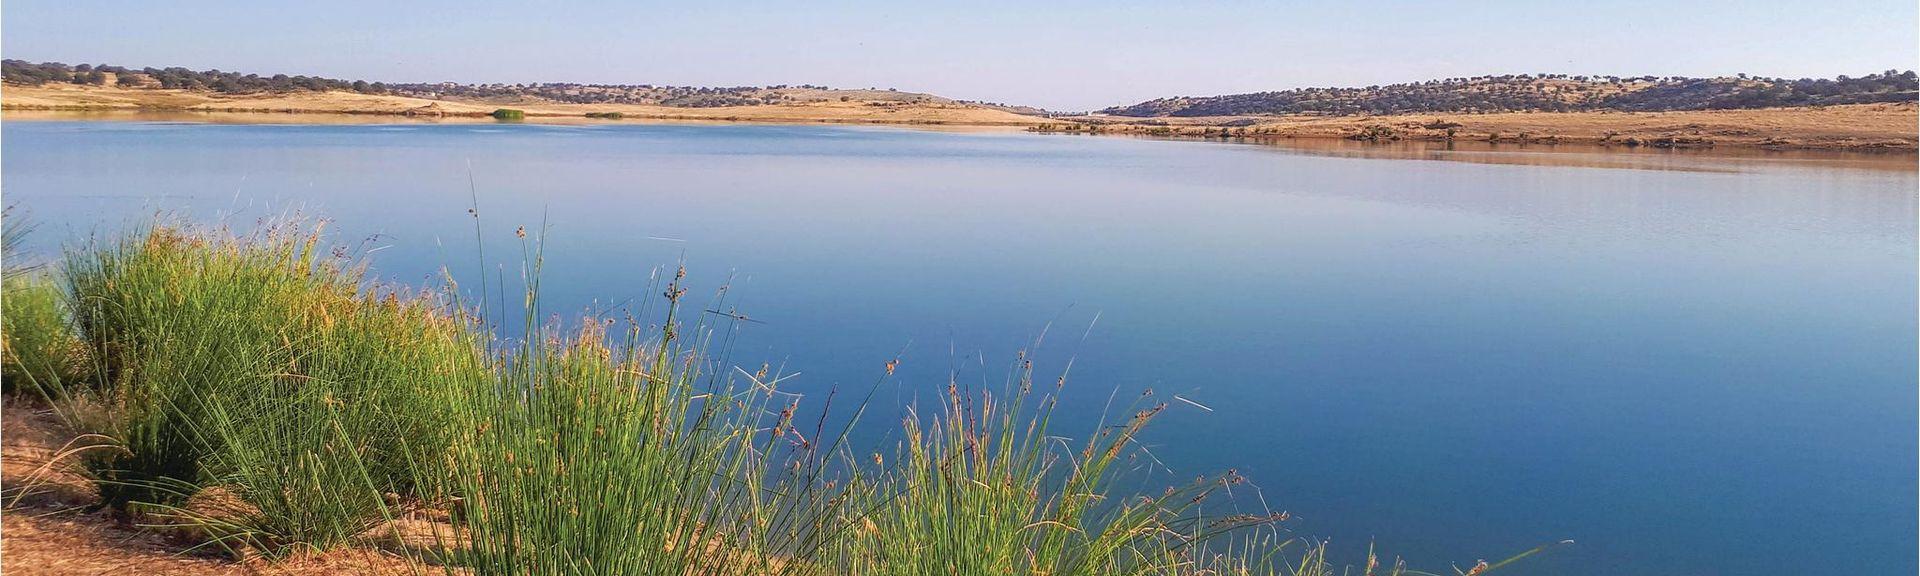 Alcaracejos, Andalucía, España